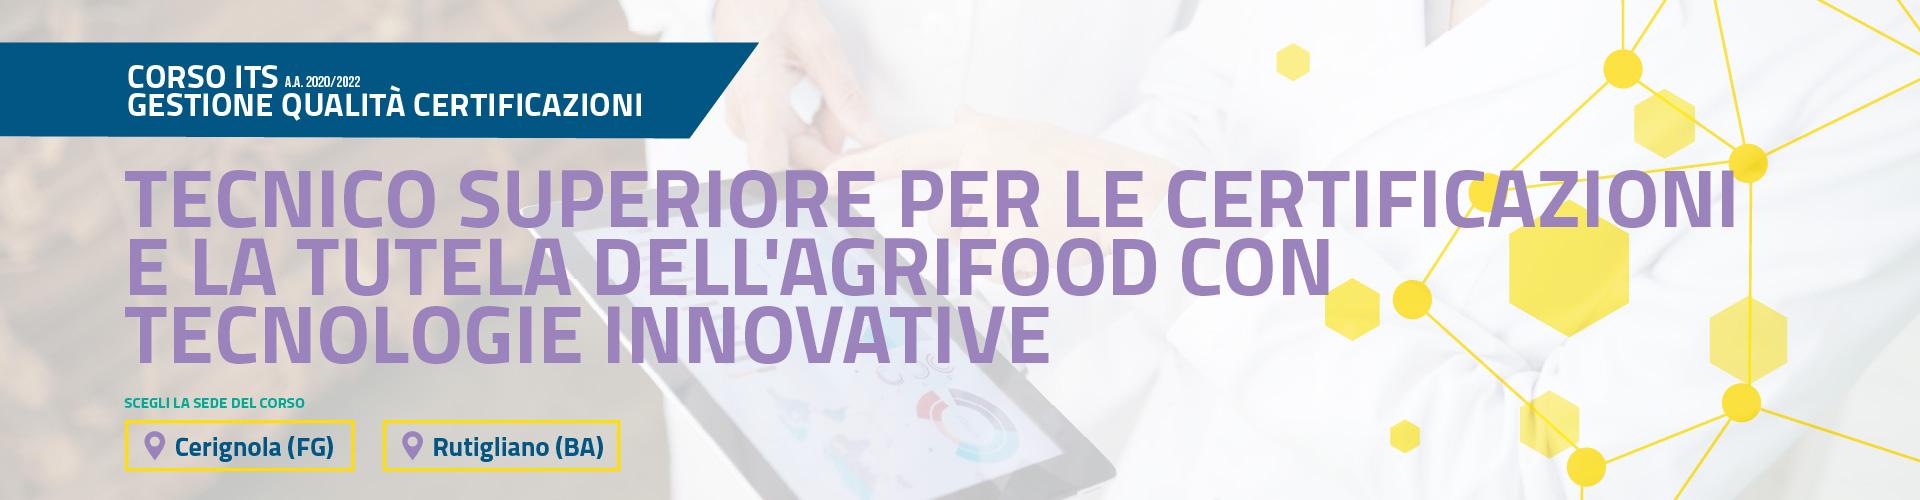 Tecnico Superiore per le Certficazioni e la tutela dell'Agrifood con tecnologie innovative